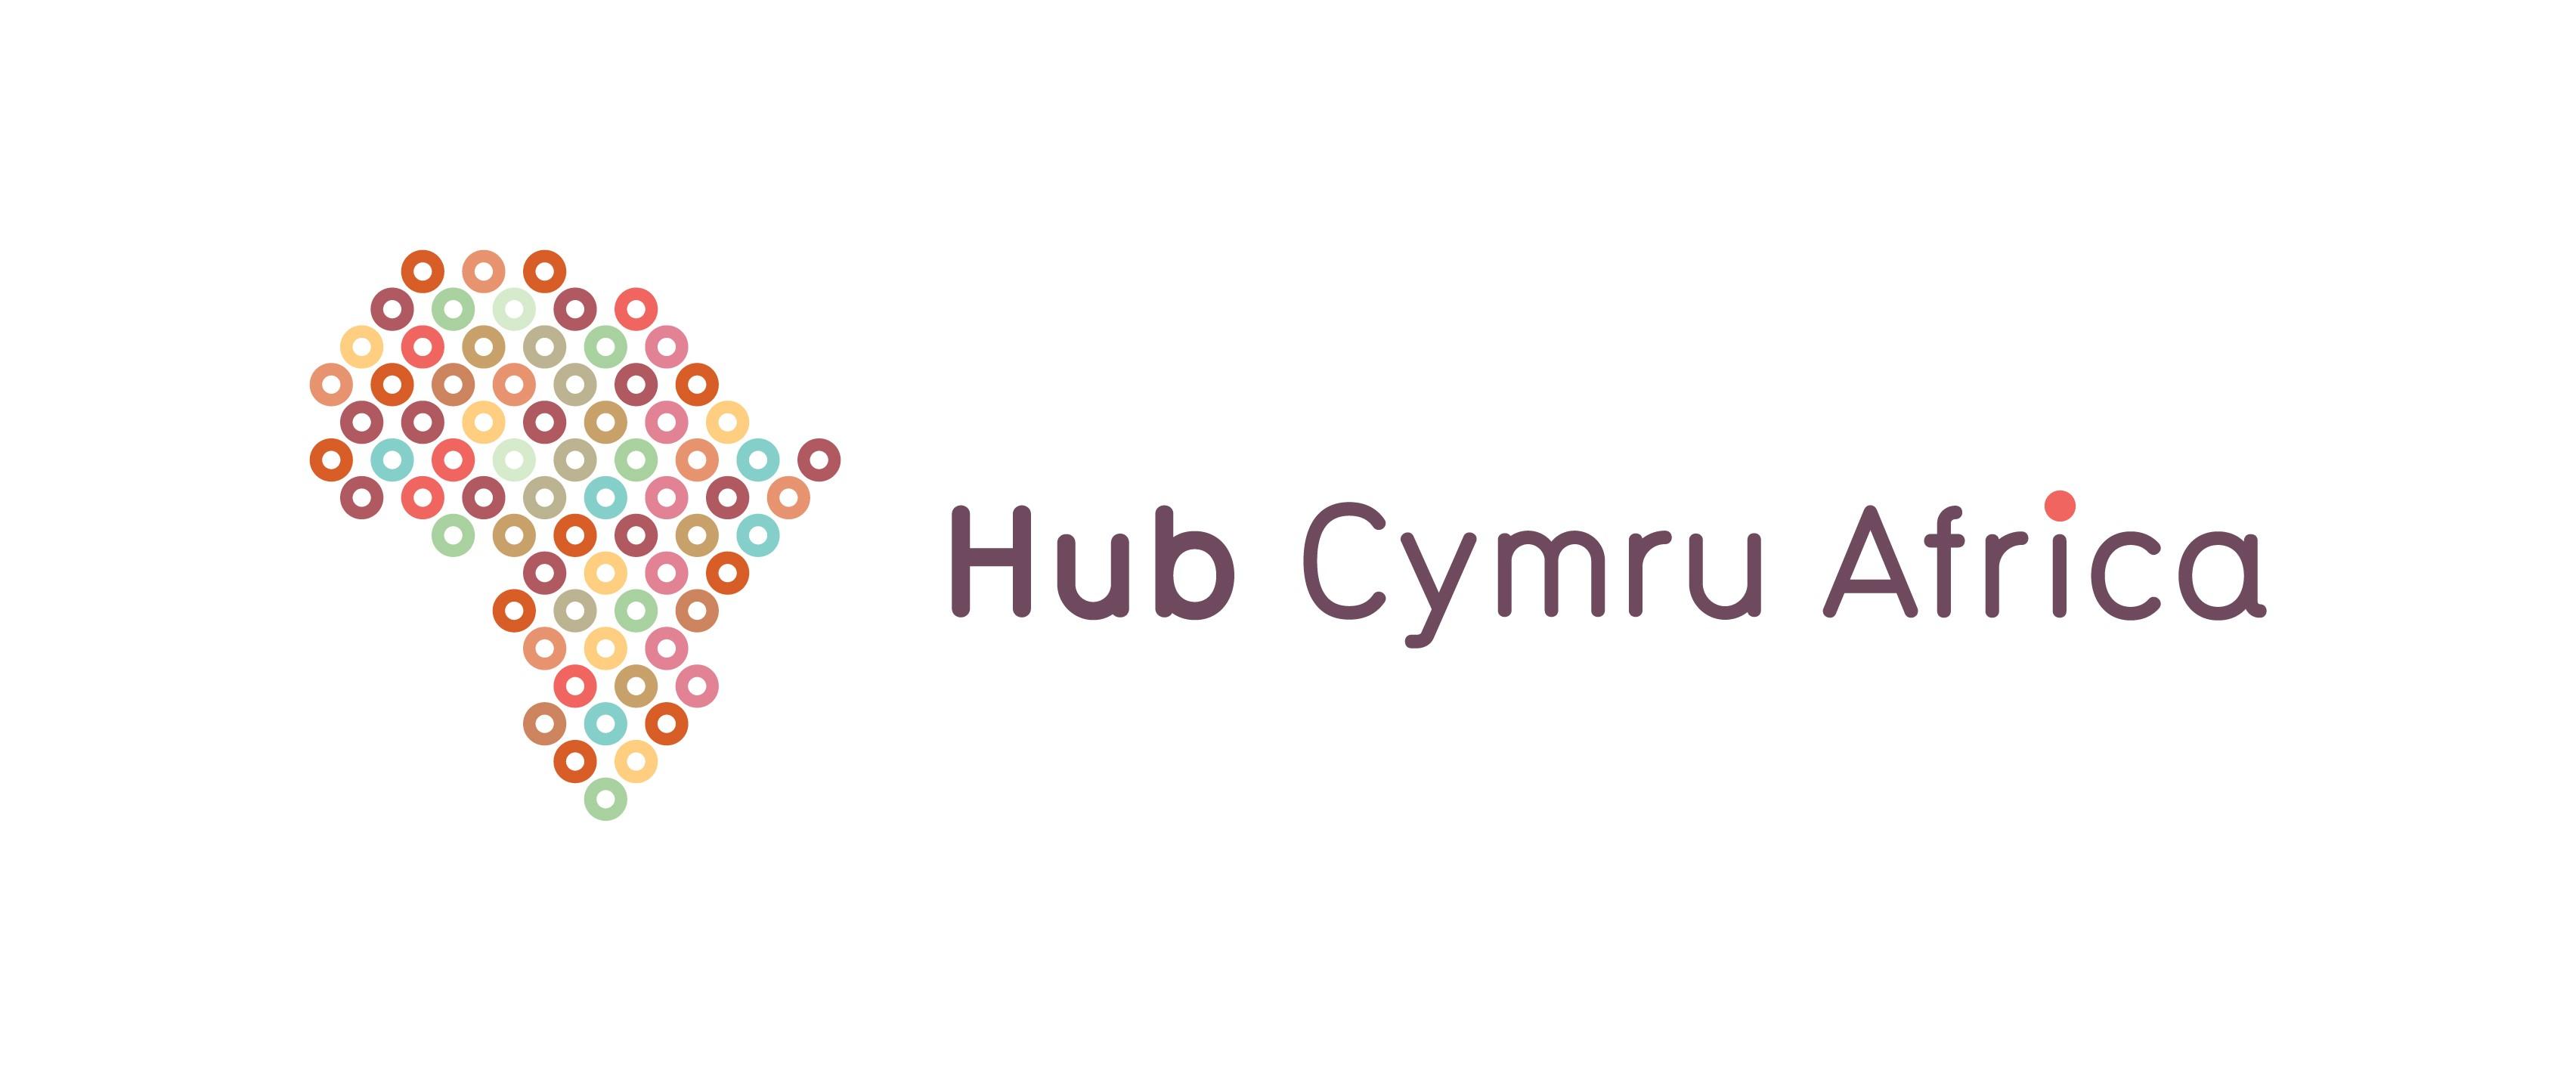 Hub Cymru Africa